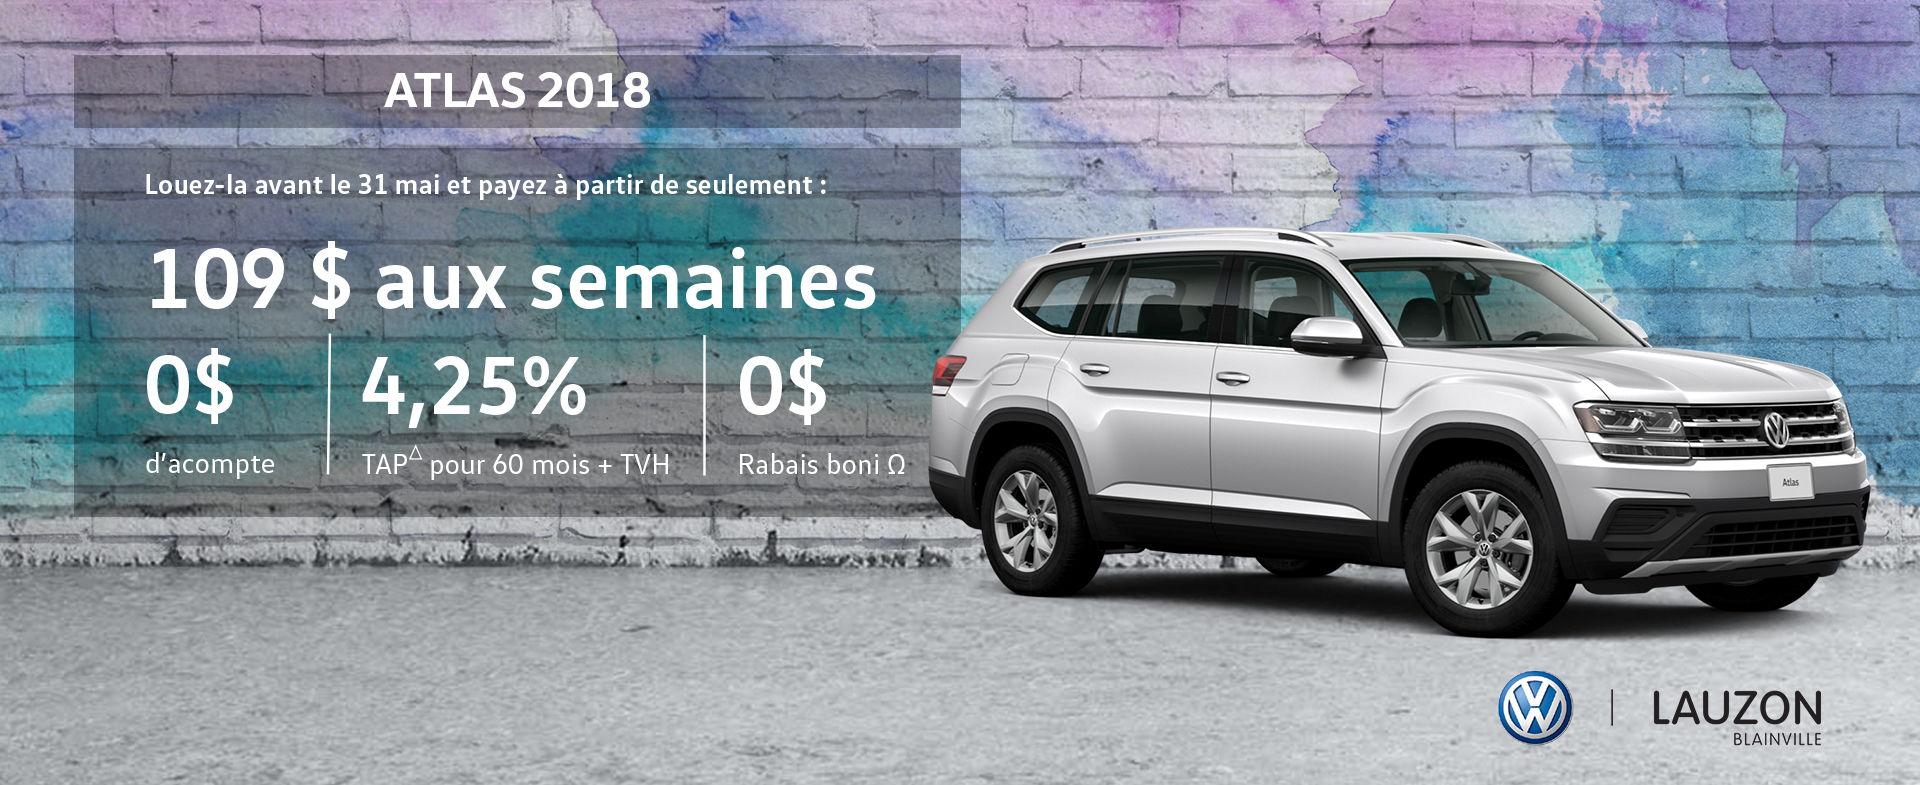 Promotion mai 2018 Volkswagen Atlas VW Lauzon Blainville